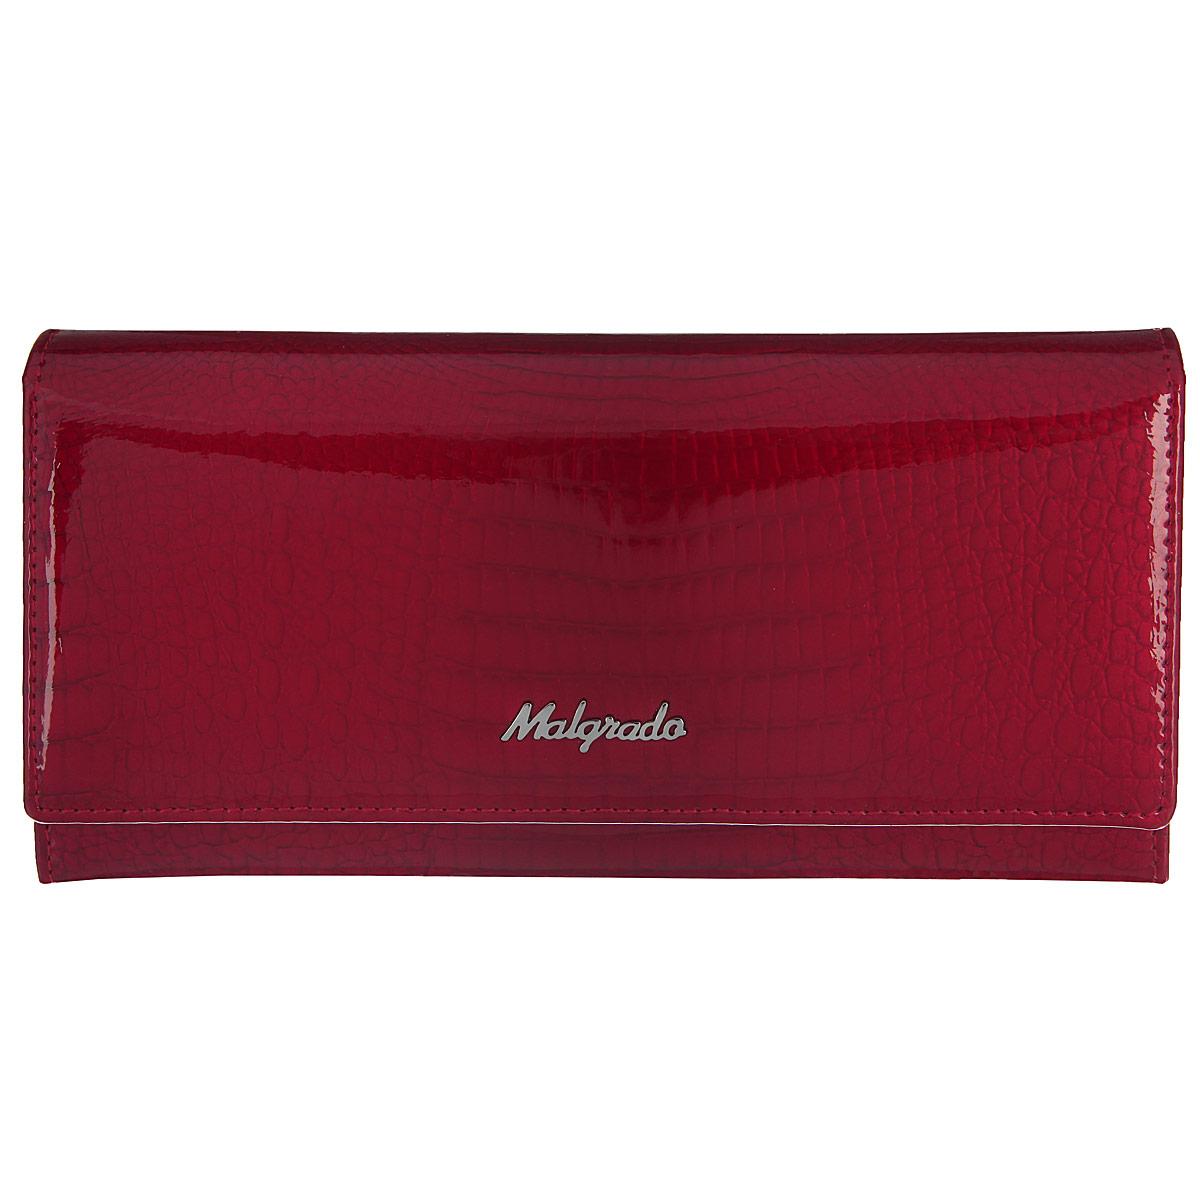 Кошелек женский Malgrado, цвет: красный. 72032-3-4472032-3-44Стильный кошелек Malgrado выполнен из натуральной лакированной кожи с декоративным тиснением под рептилию и оформлен металлическим элементом с логотипом бренда. . Изделие содержит два отделения. Первое отделение предназначено для монет, состоит из двух карманов и закрывается на рамочный замок. Второе отделение раскладывается, закрывается на клапан с кнопкой. Отделение включает в себя: девять кармашков для визиток или пластиковых карт, одно из которых для фотографии, один потайной карман для документов, четыре отделения для купюр, одно из них на молнии. Кошелек упакован в подарочную коробку с логотипом фирмы. Такой кошелек станет замечательным подарком человеку, ценящему качественные и практичные вещи.